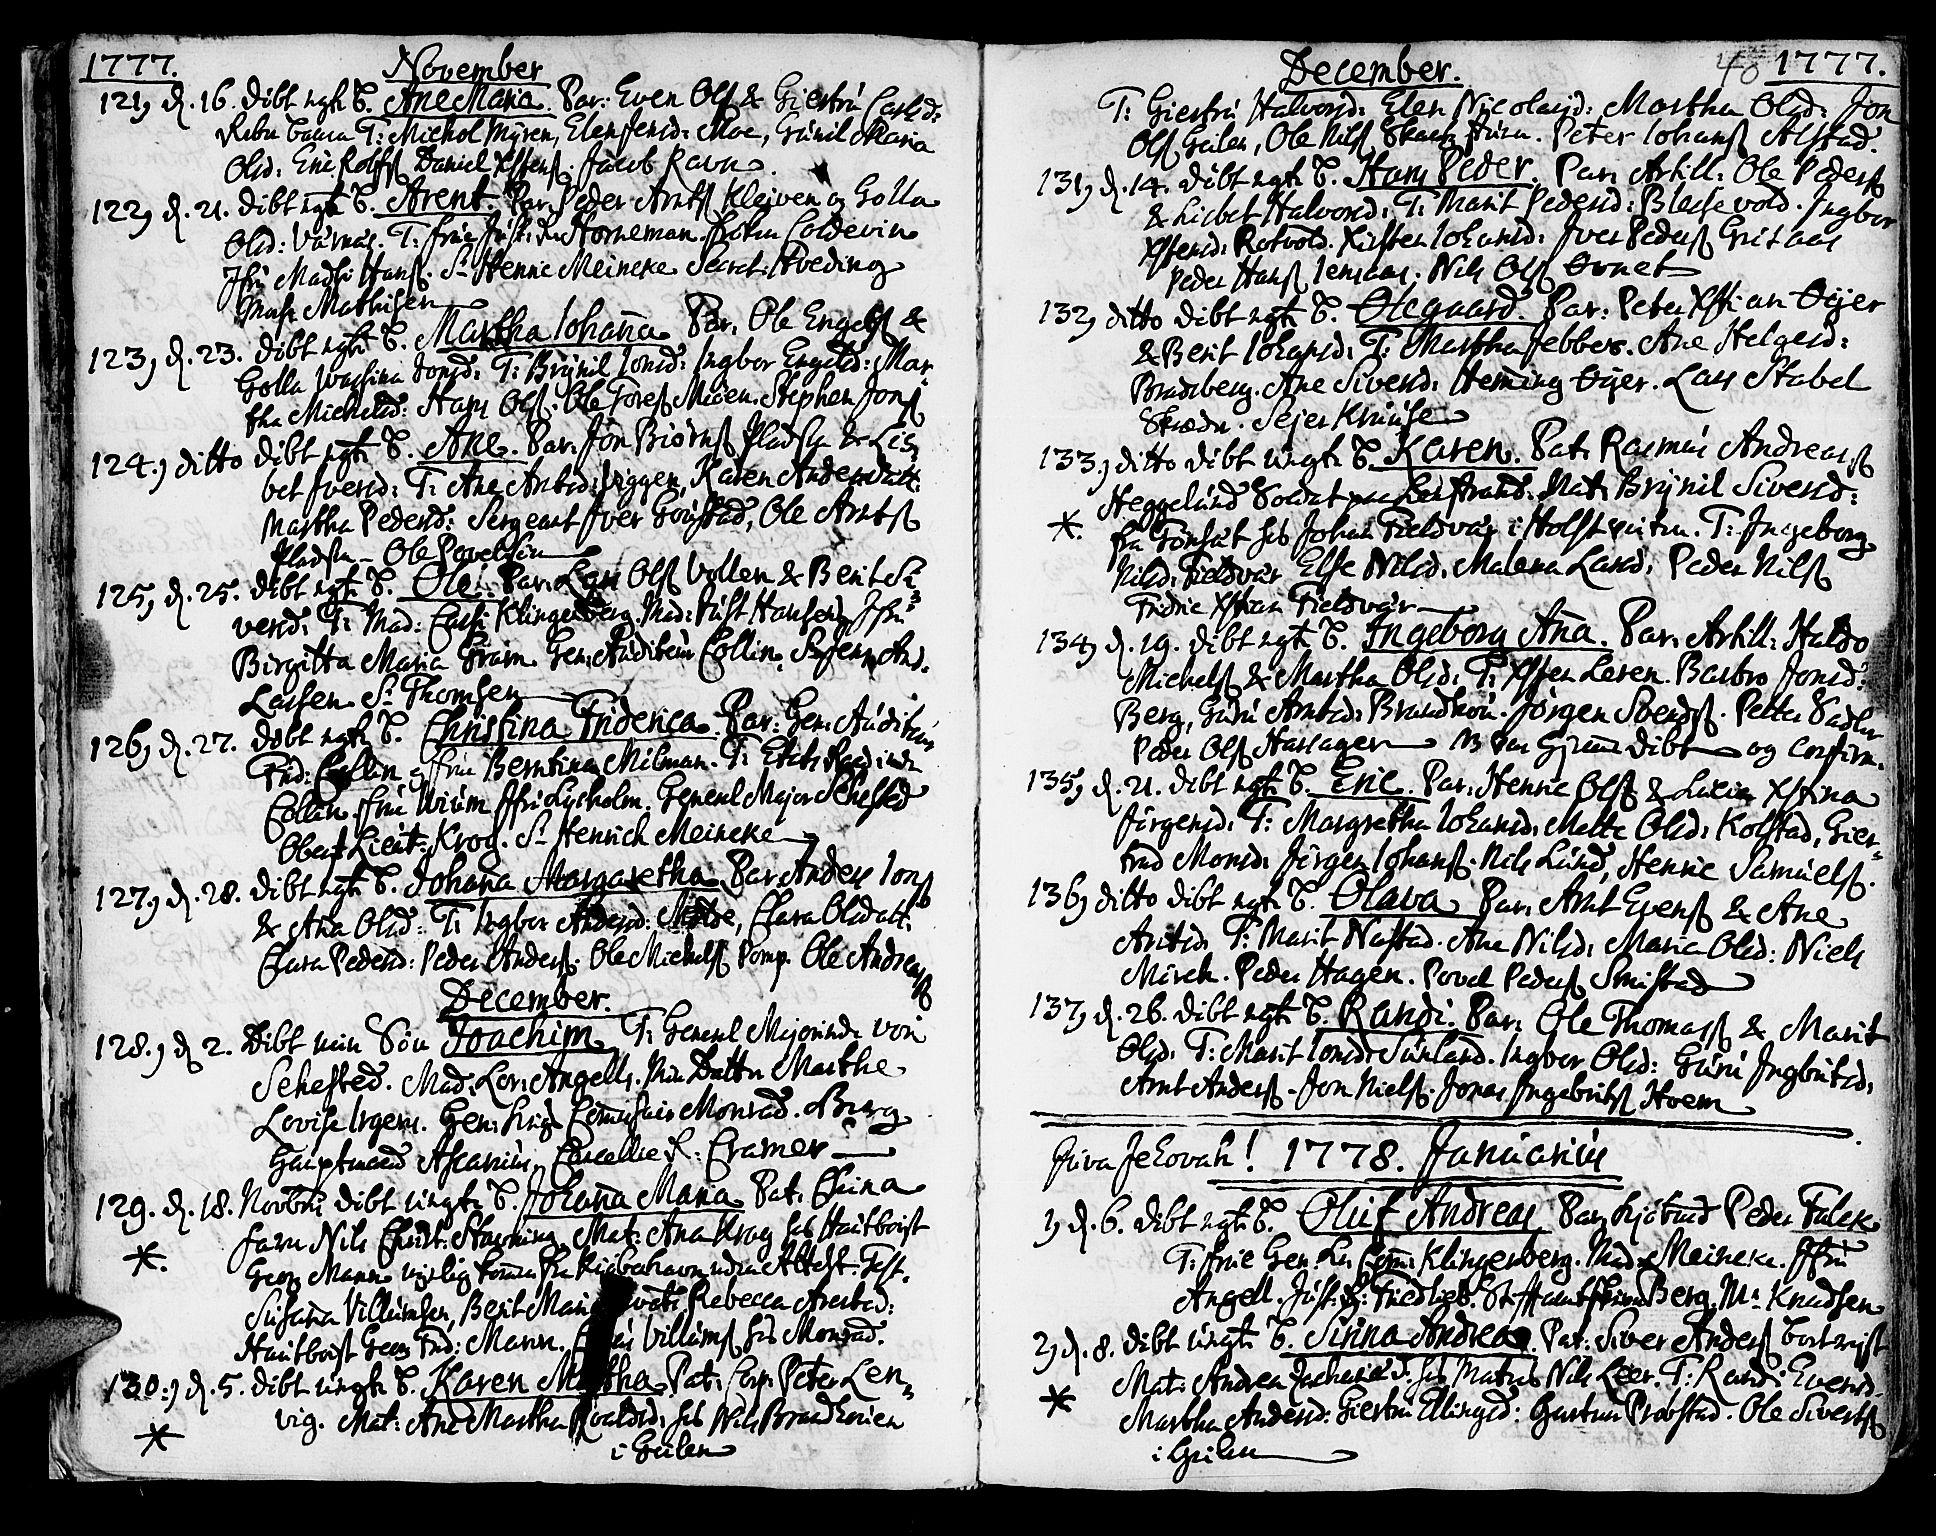 SAT, Ministerialprotokoller, klokkerbøker og fødselsregistre - Sør-Trøndelag, 601/L0039: Ministerialbok nr. 601A07, 1770-1819, s. 40